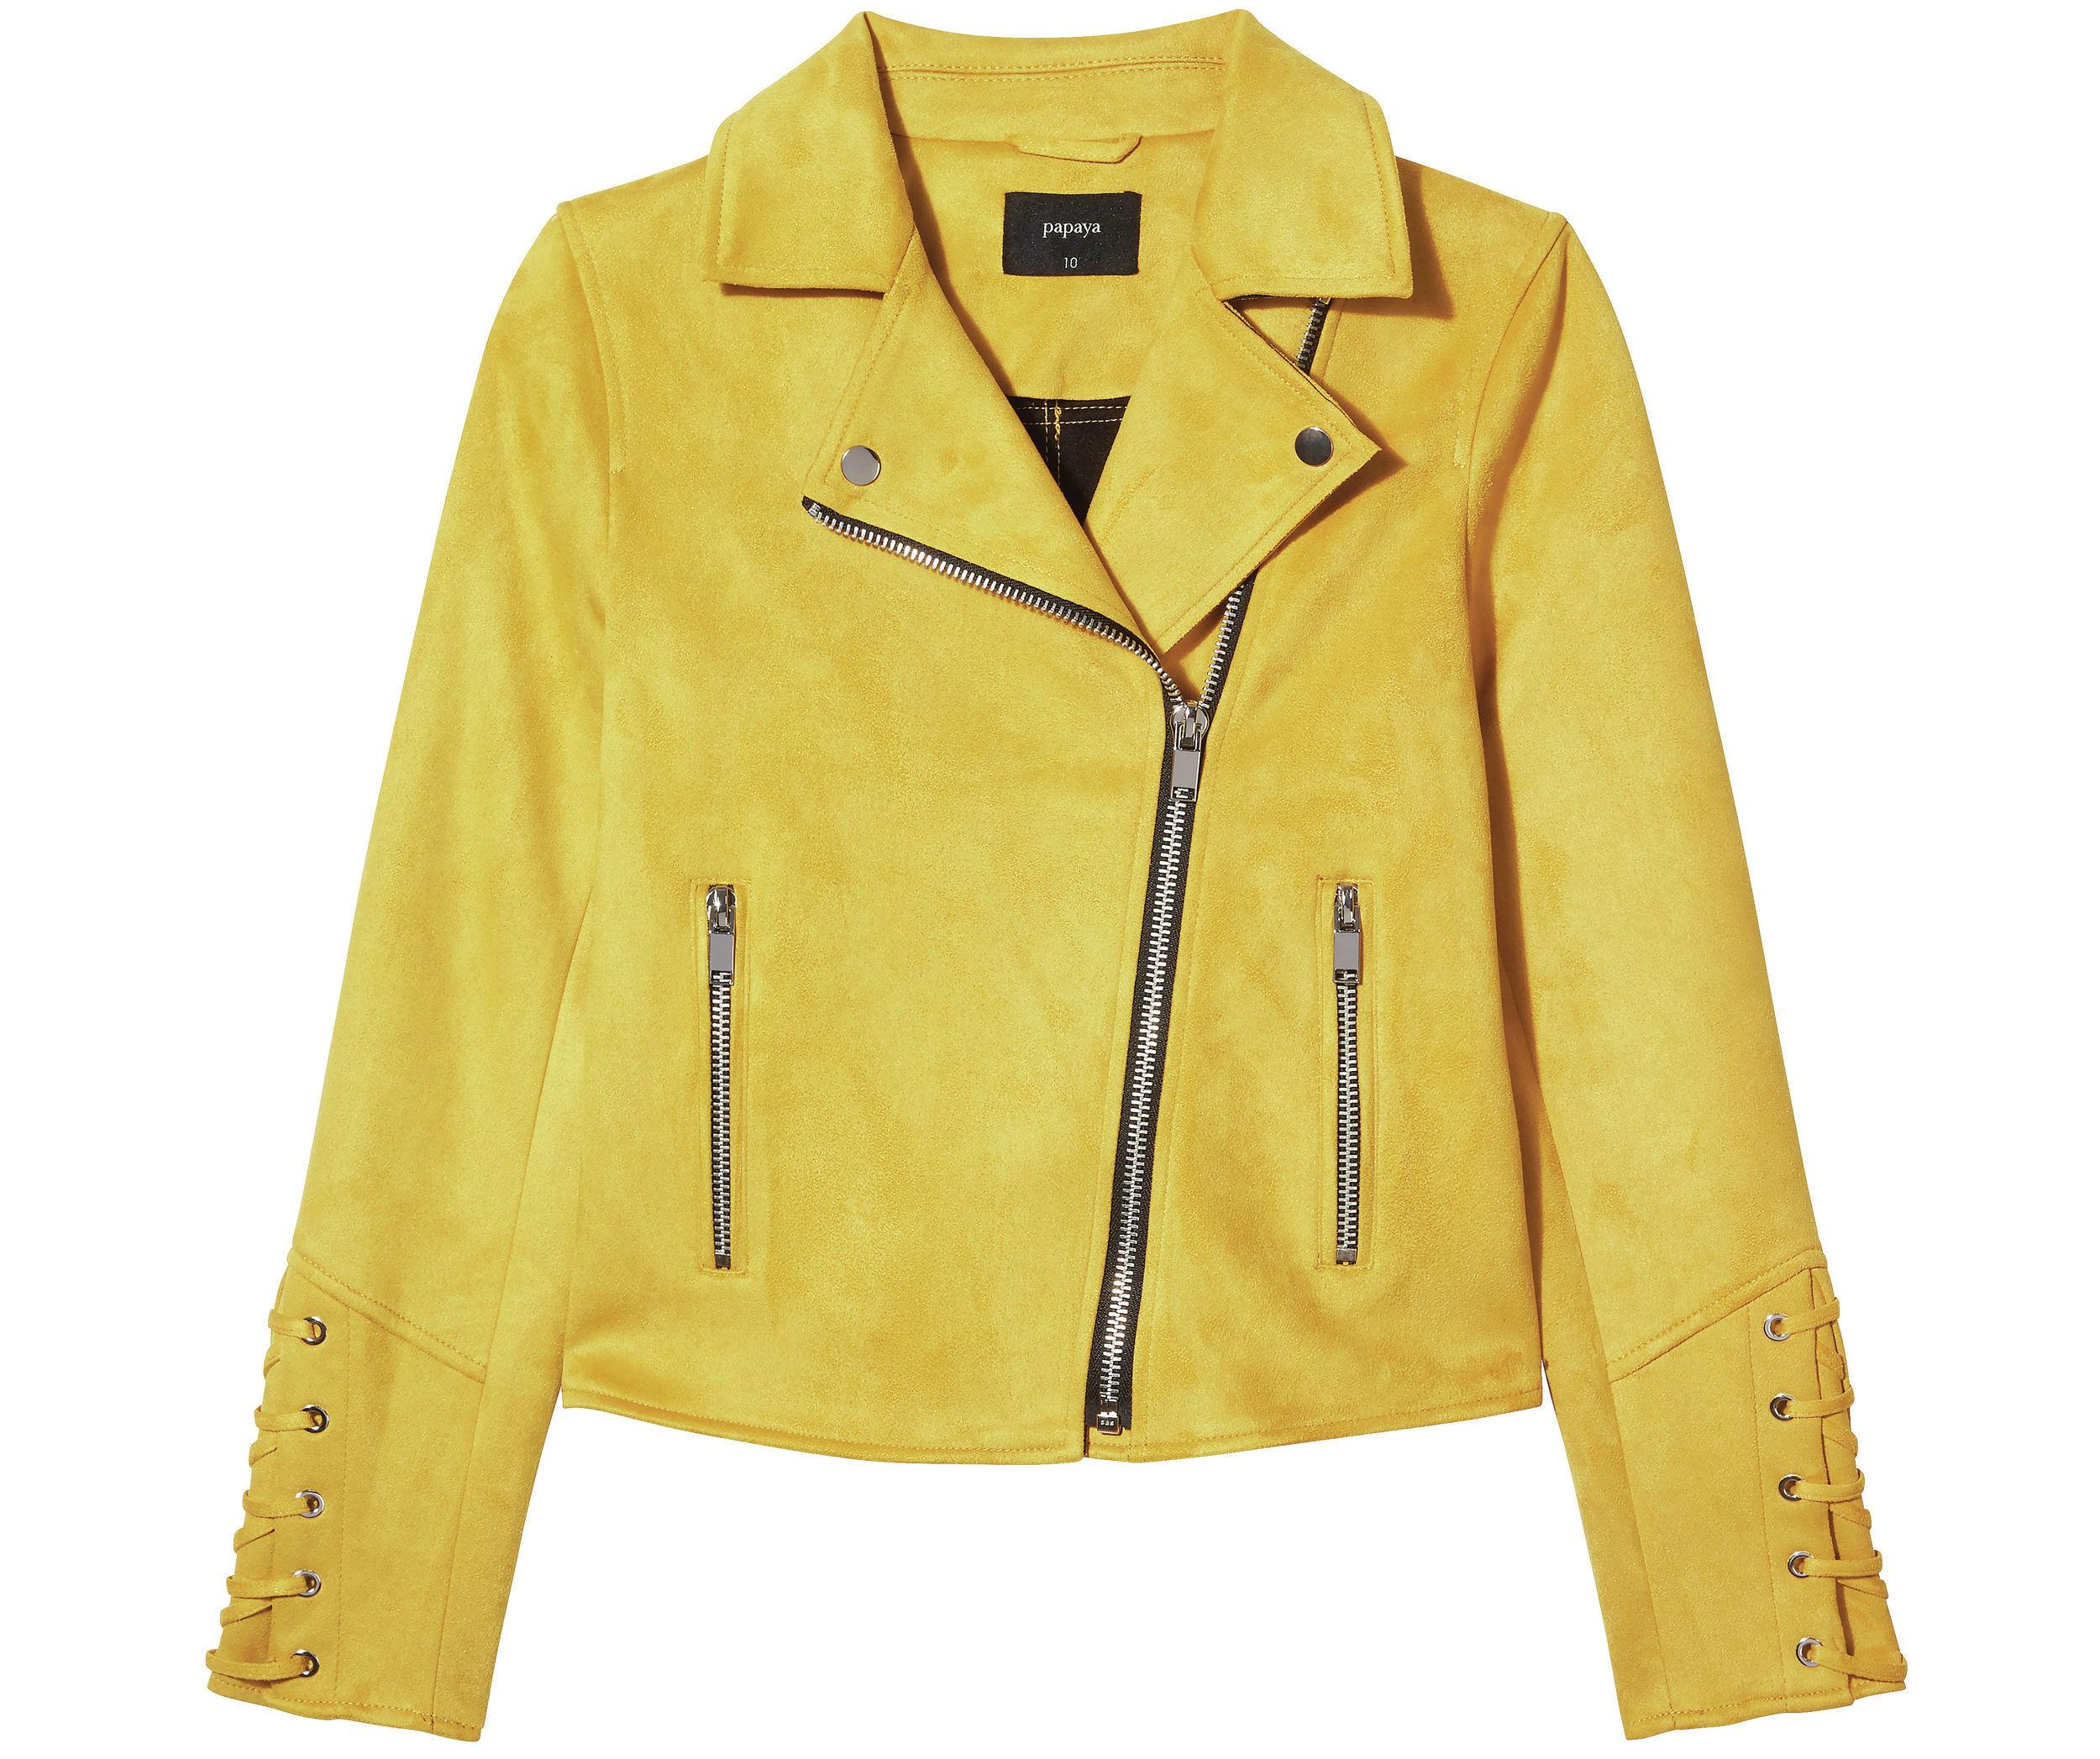 7. Matalan Mustard Suedette Biker Jacket